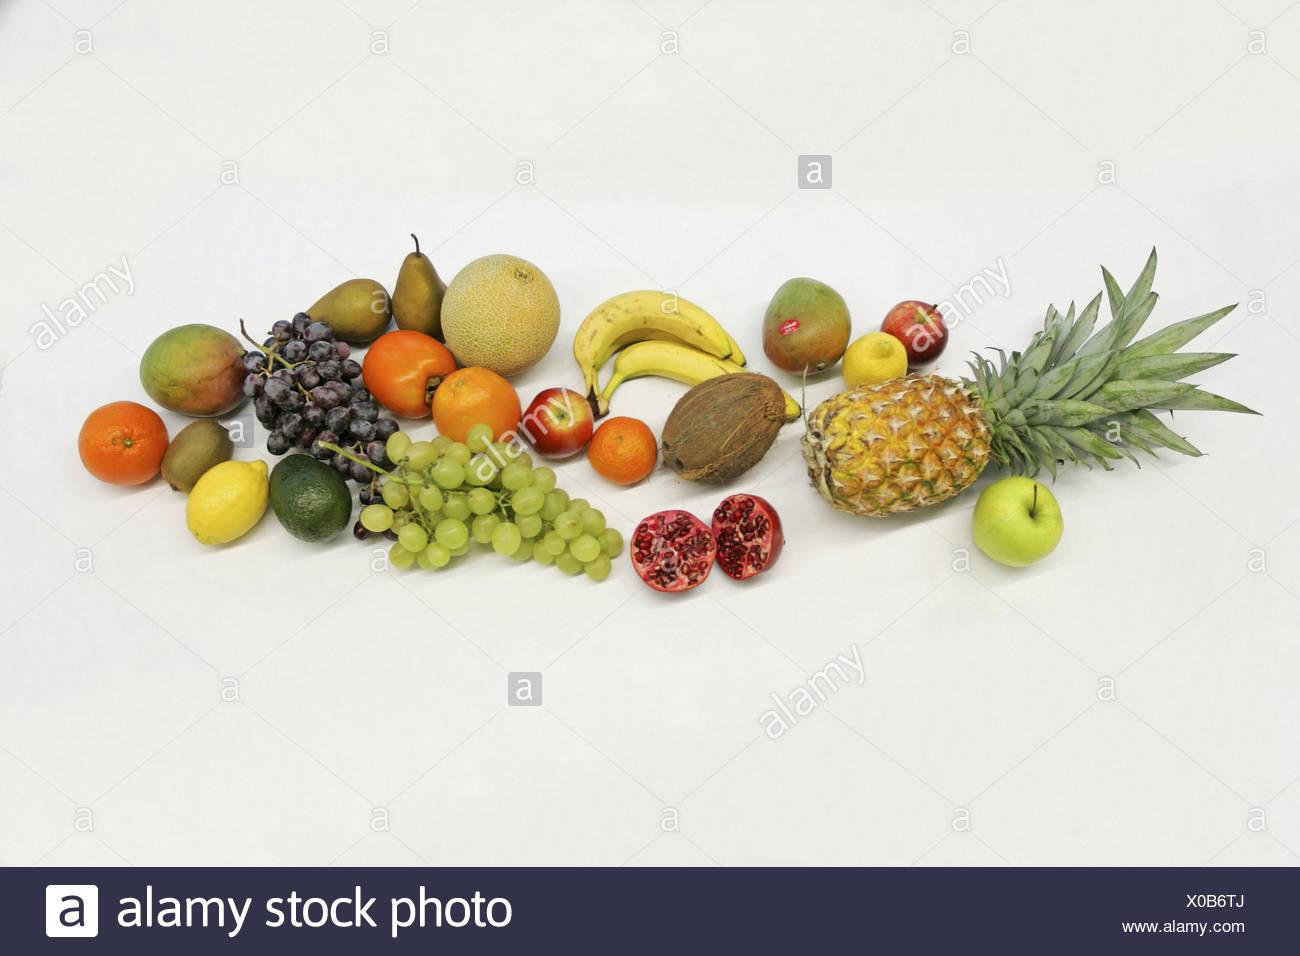 Diferentes frutas todavía todavía la vida de alimentos alimentos saludables vitaminas studio Imagen De Stock